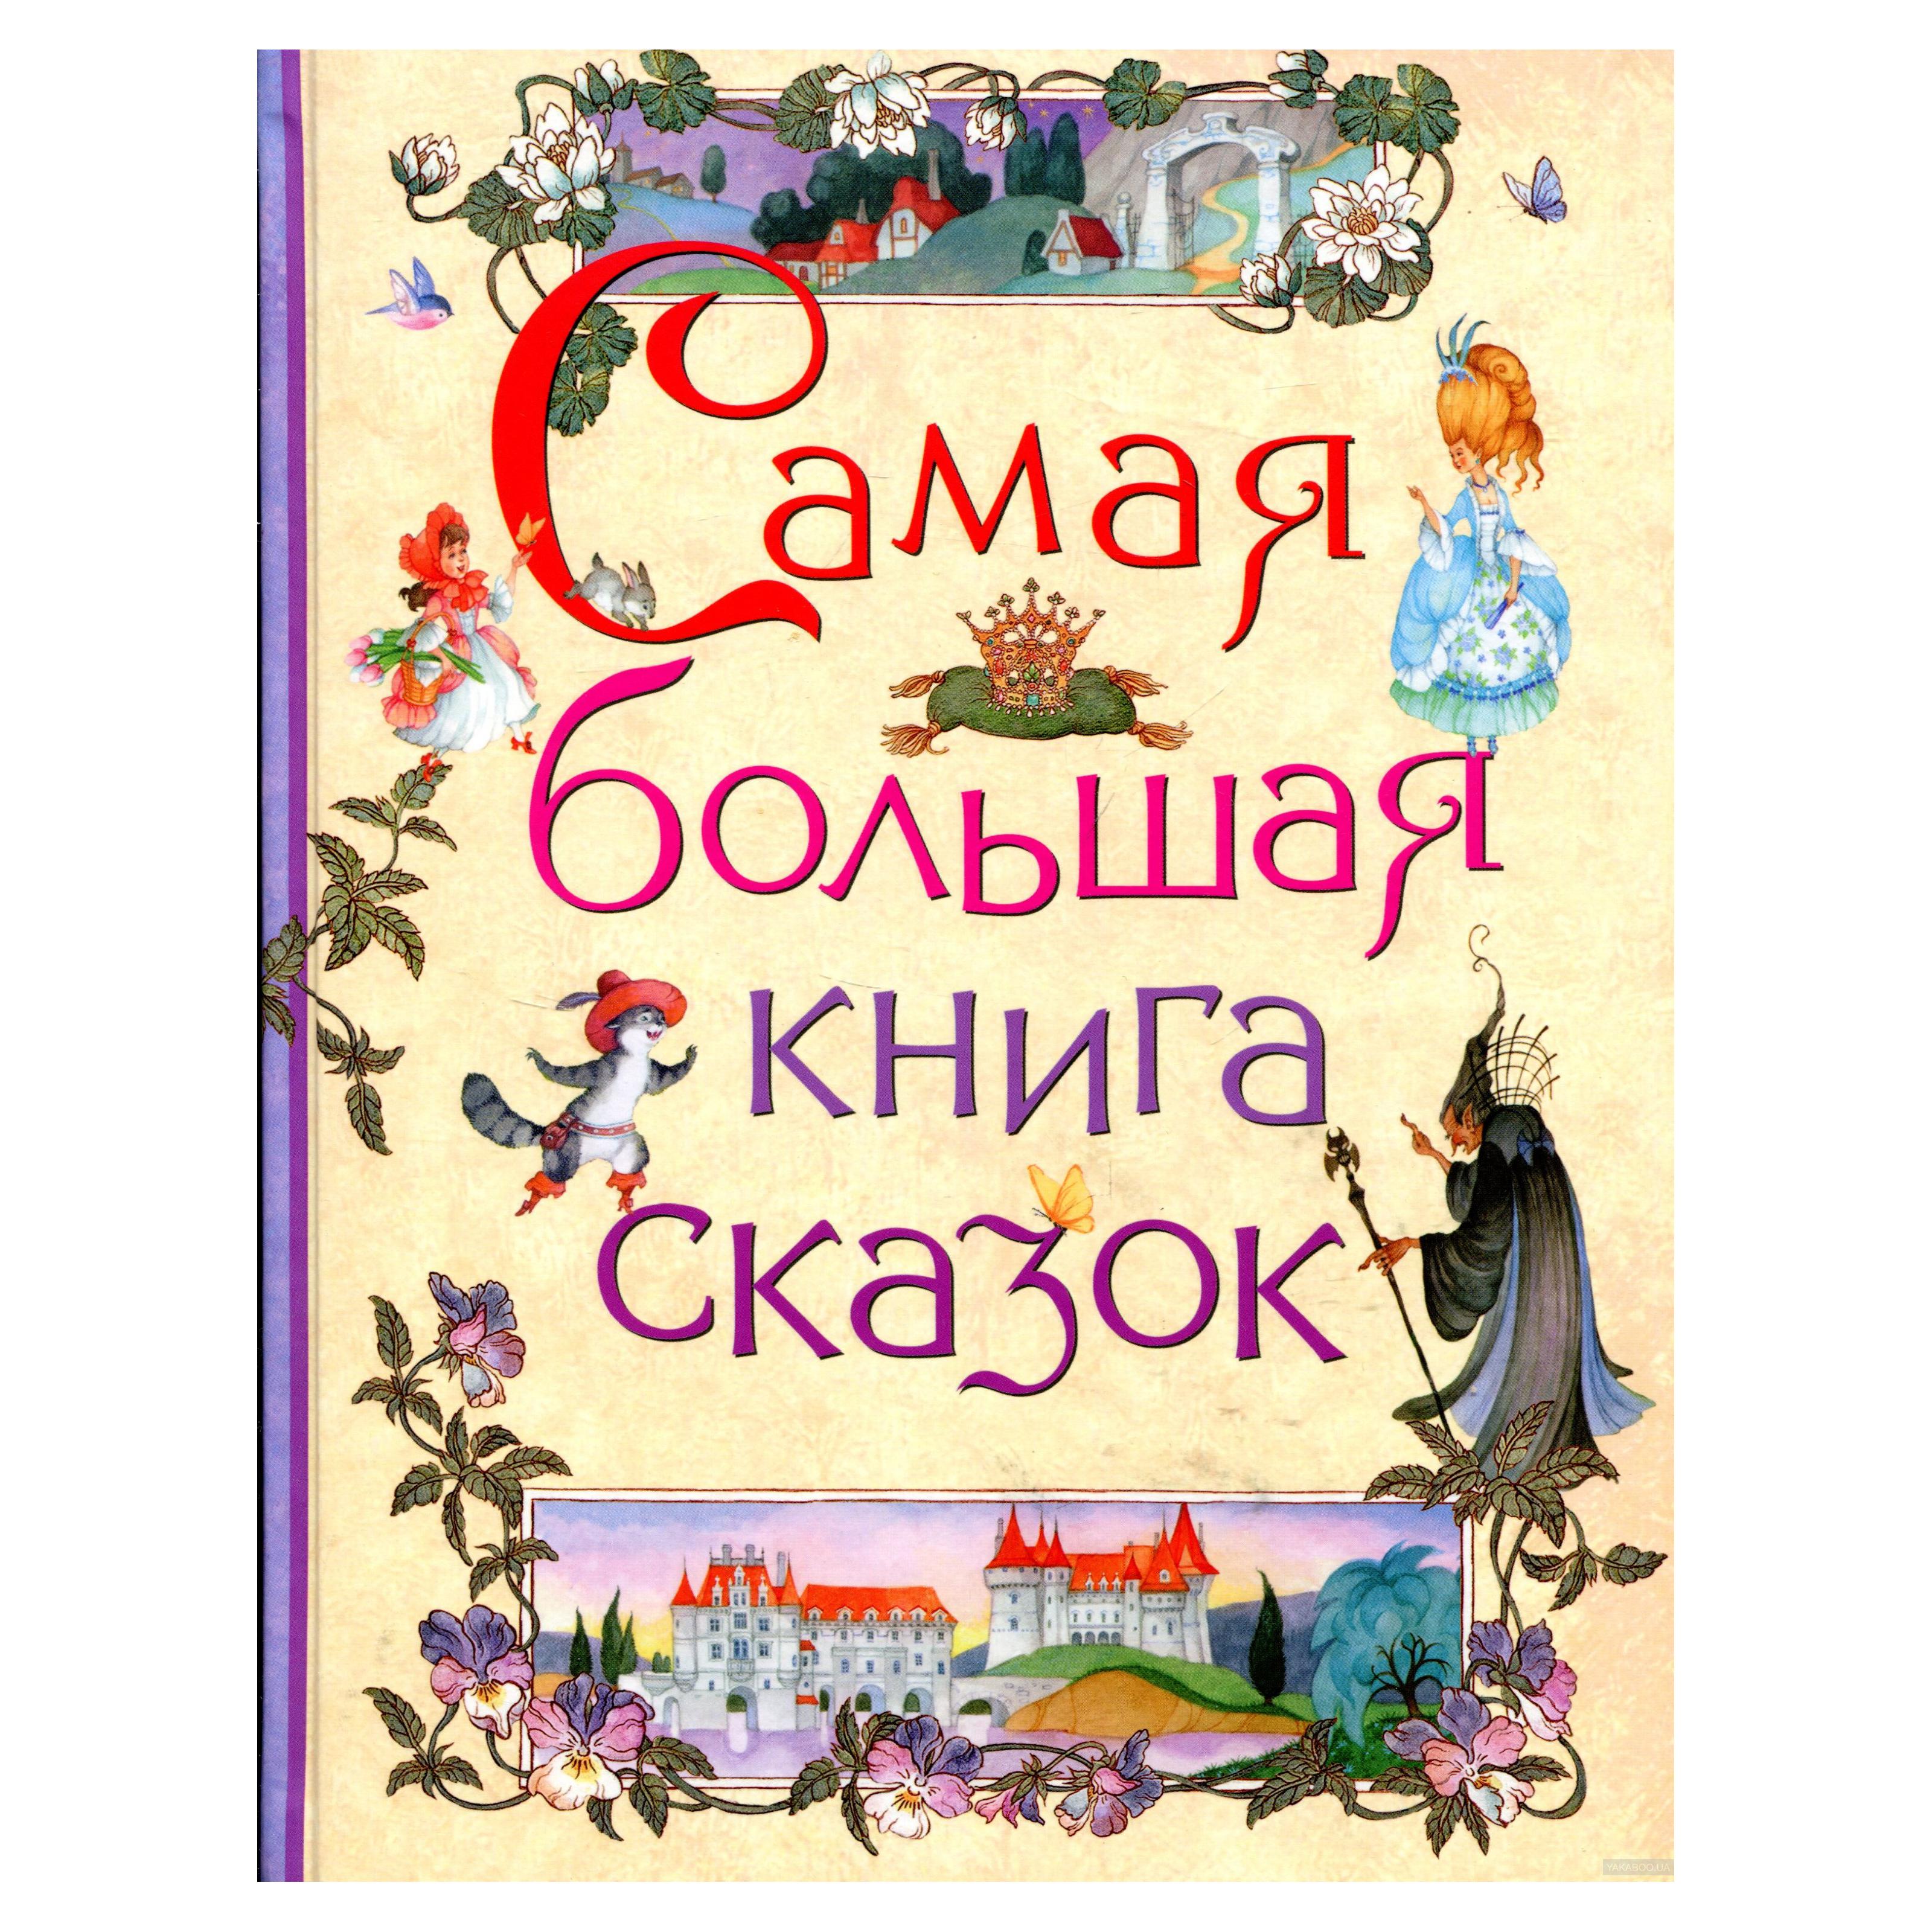 орденских книги со сказками тогда